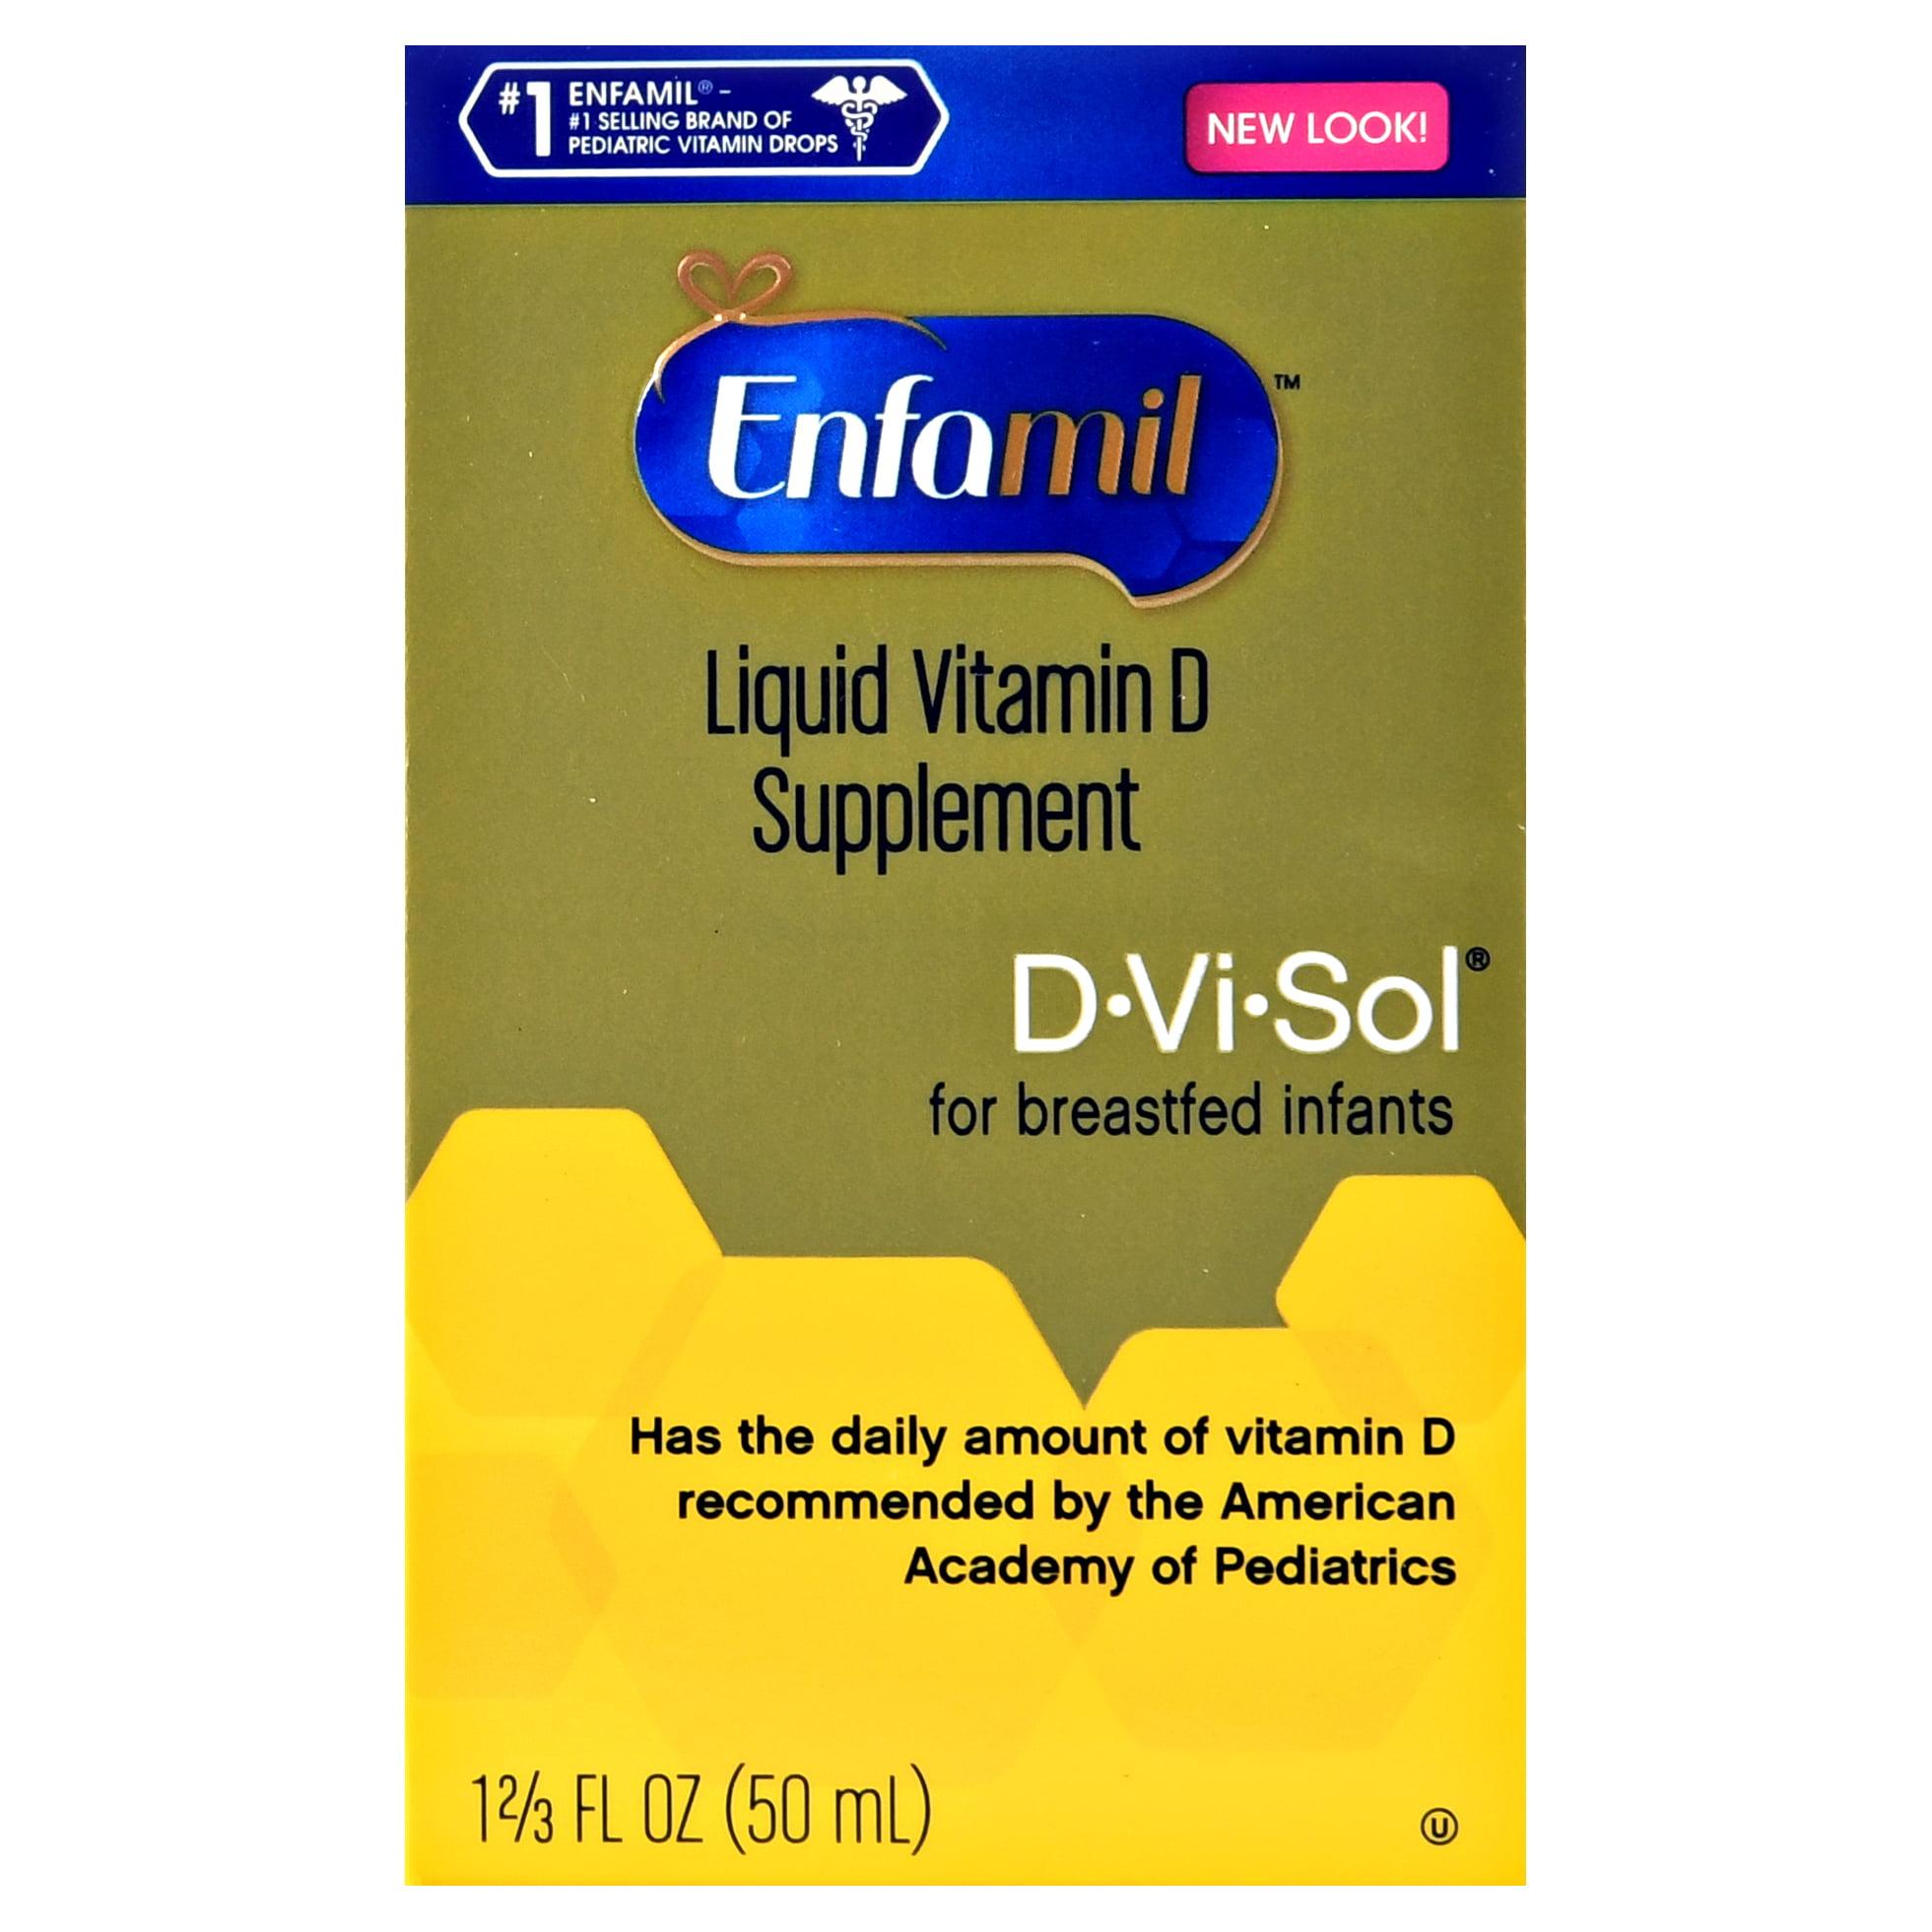 Enfamil D-vi-Sol Liquid Vitamin D Supplement, 1.67 fl oz